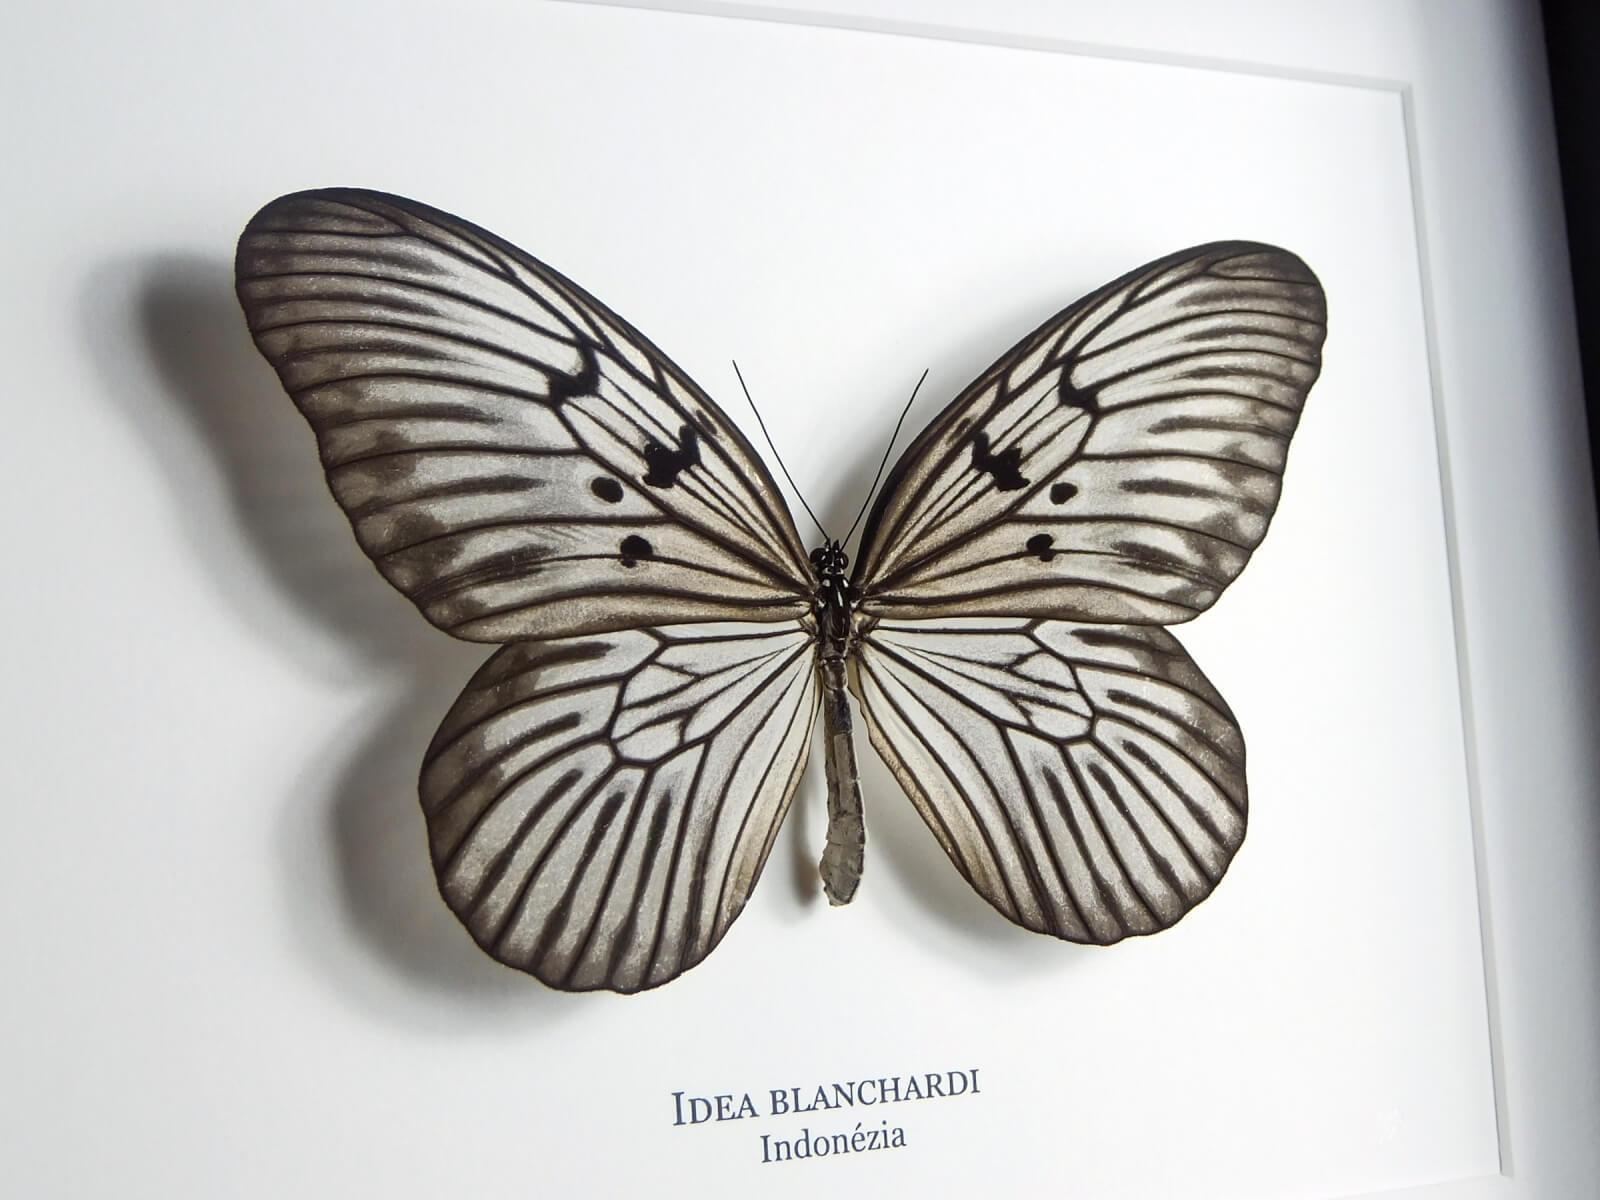 Idea blanchardi, fekete keretben | #1932